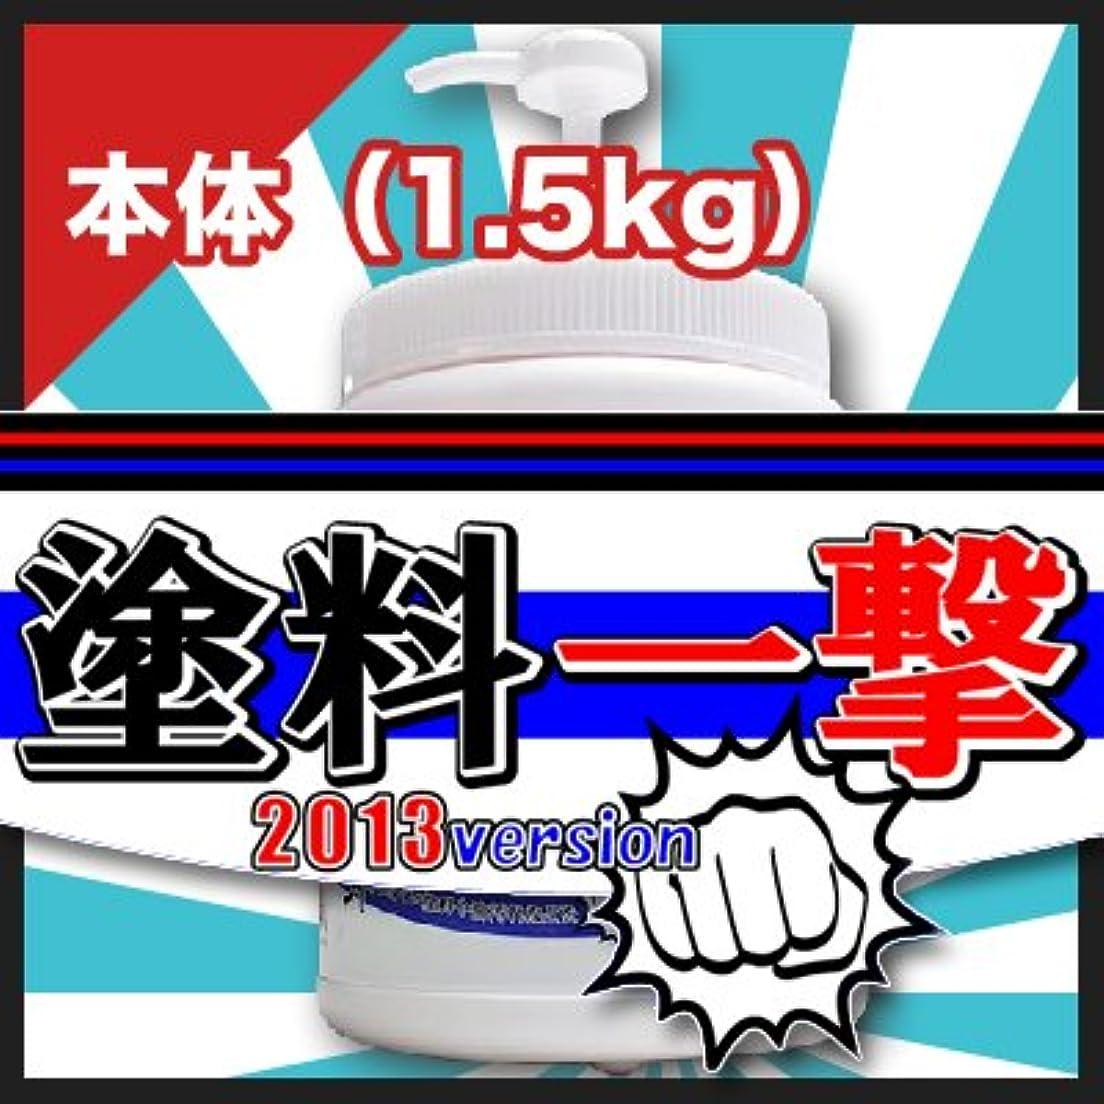 部門する必要がある変化するD.Iプランニング 塗料一撃 2013 Version 本体 (1.5kg)